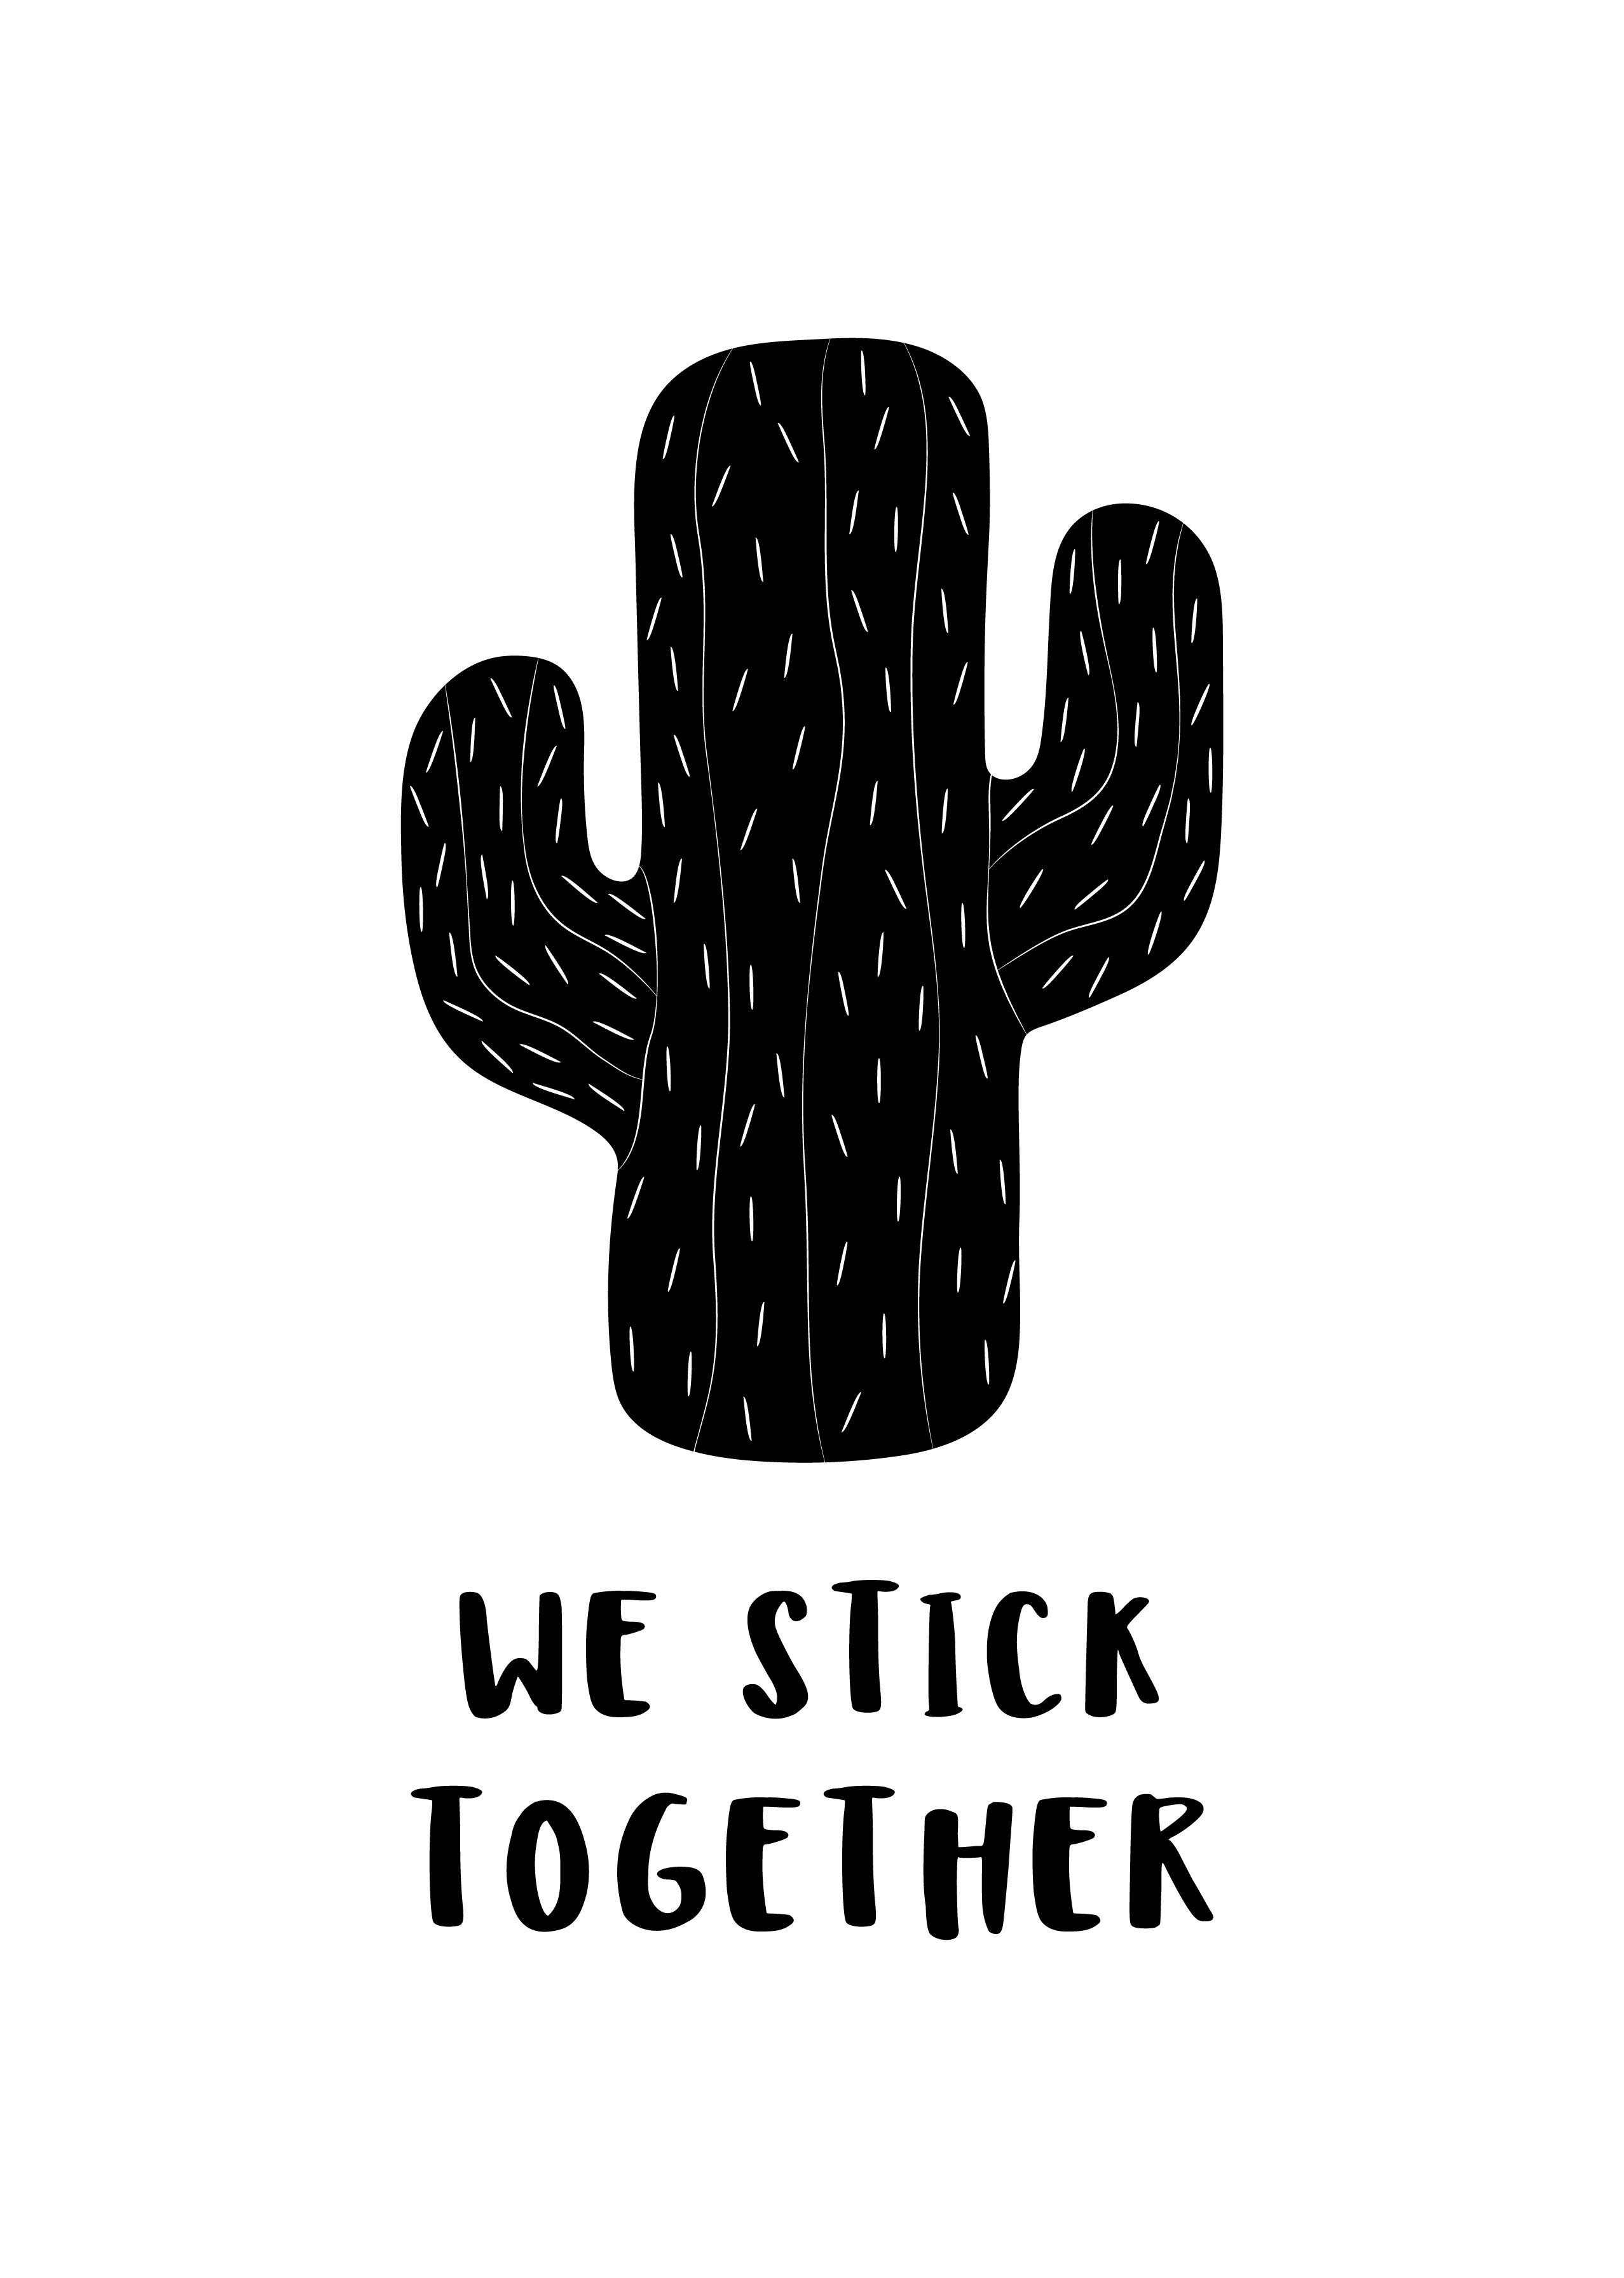 Cactus Print Cactus We Stick Together Cactus Art Black